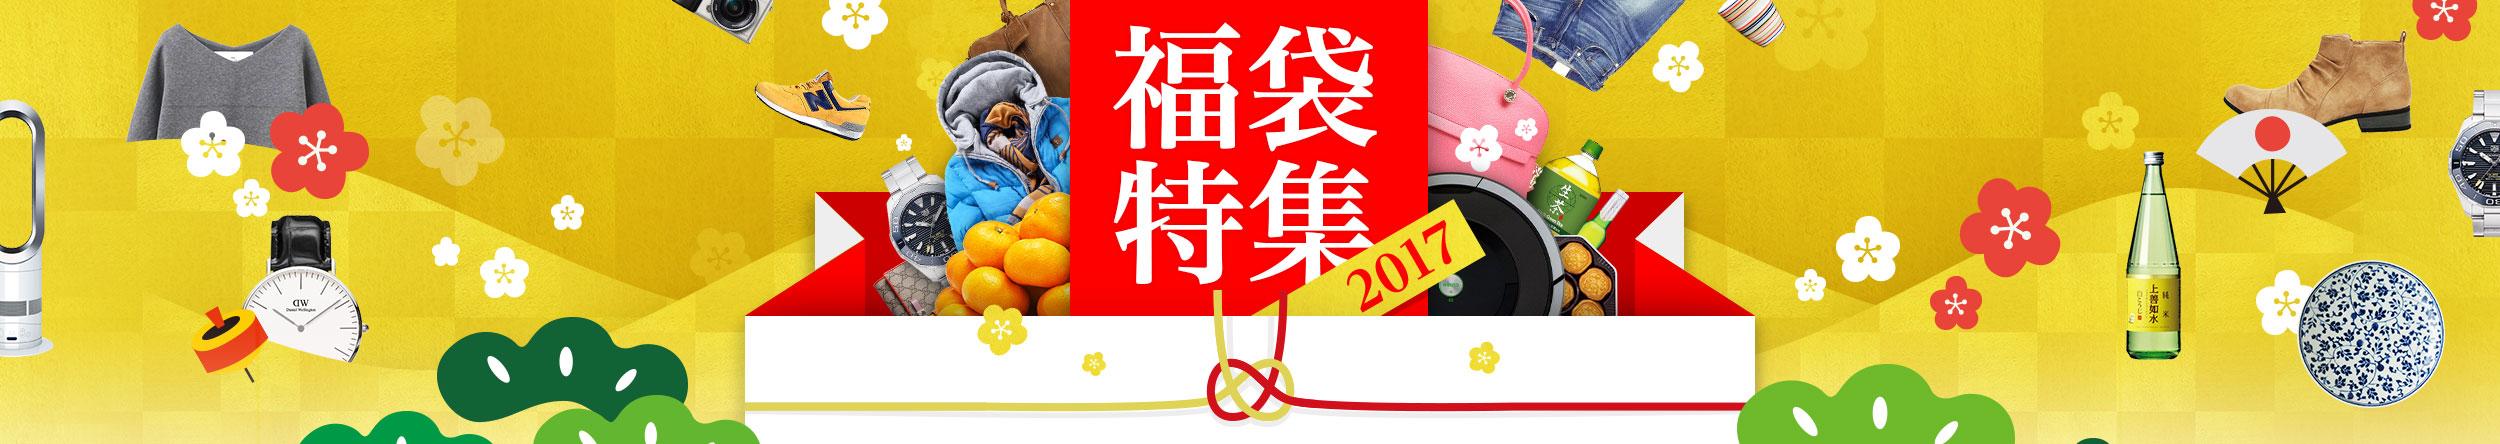 福袋特集 2017|人気の福袋が満載! - Yahoo!ショッピング